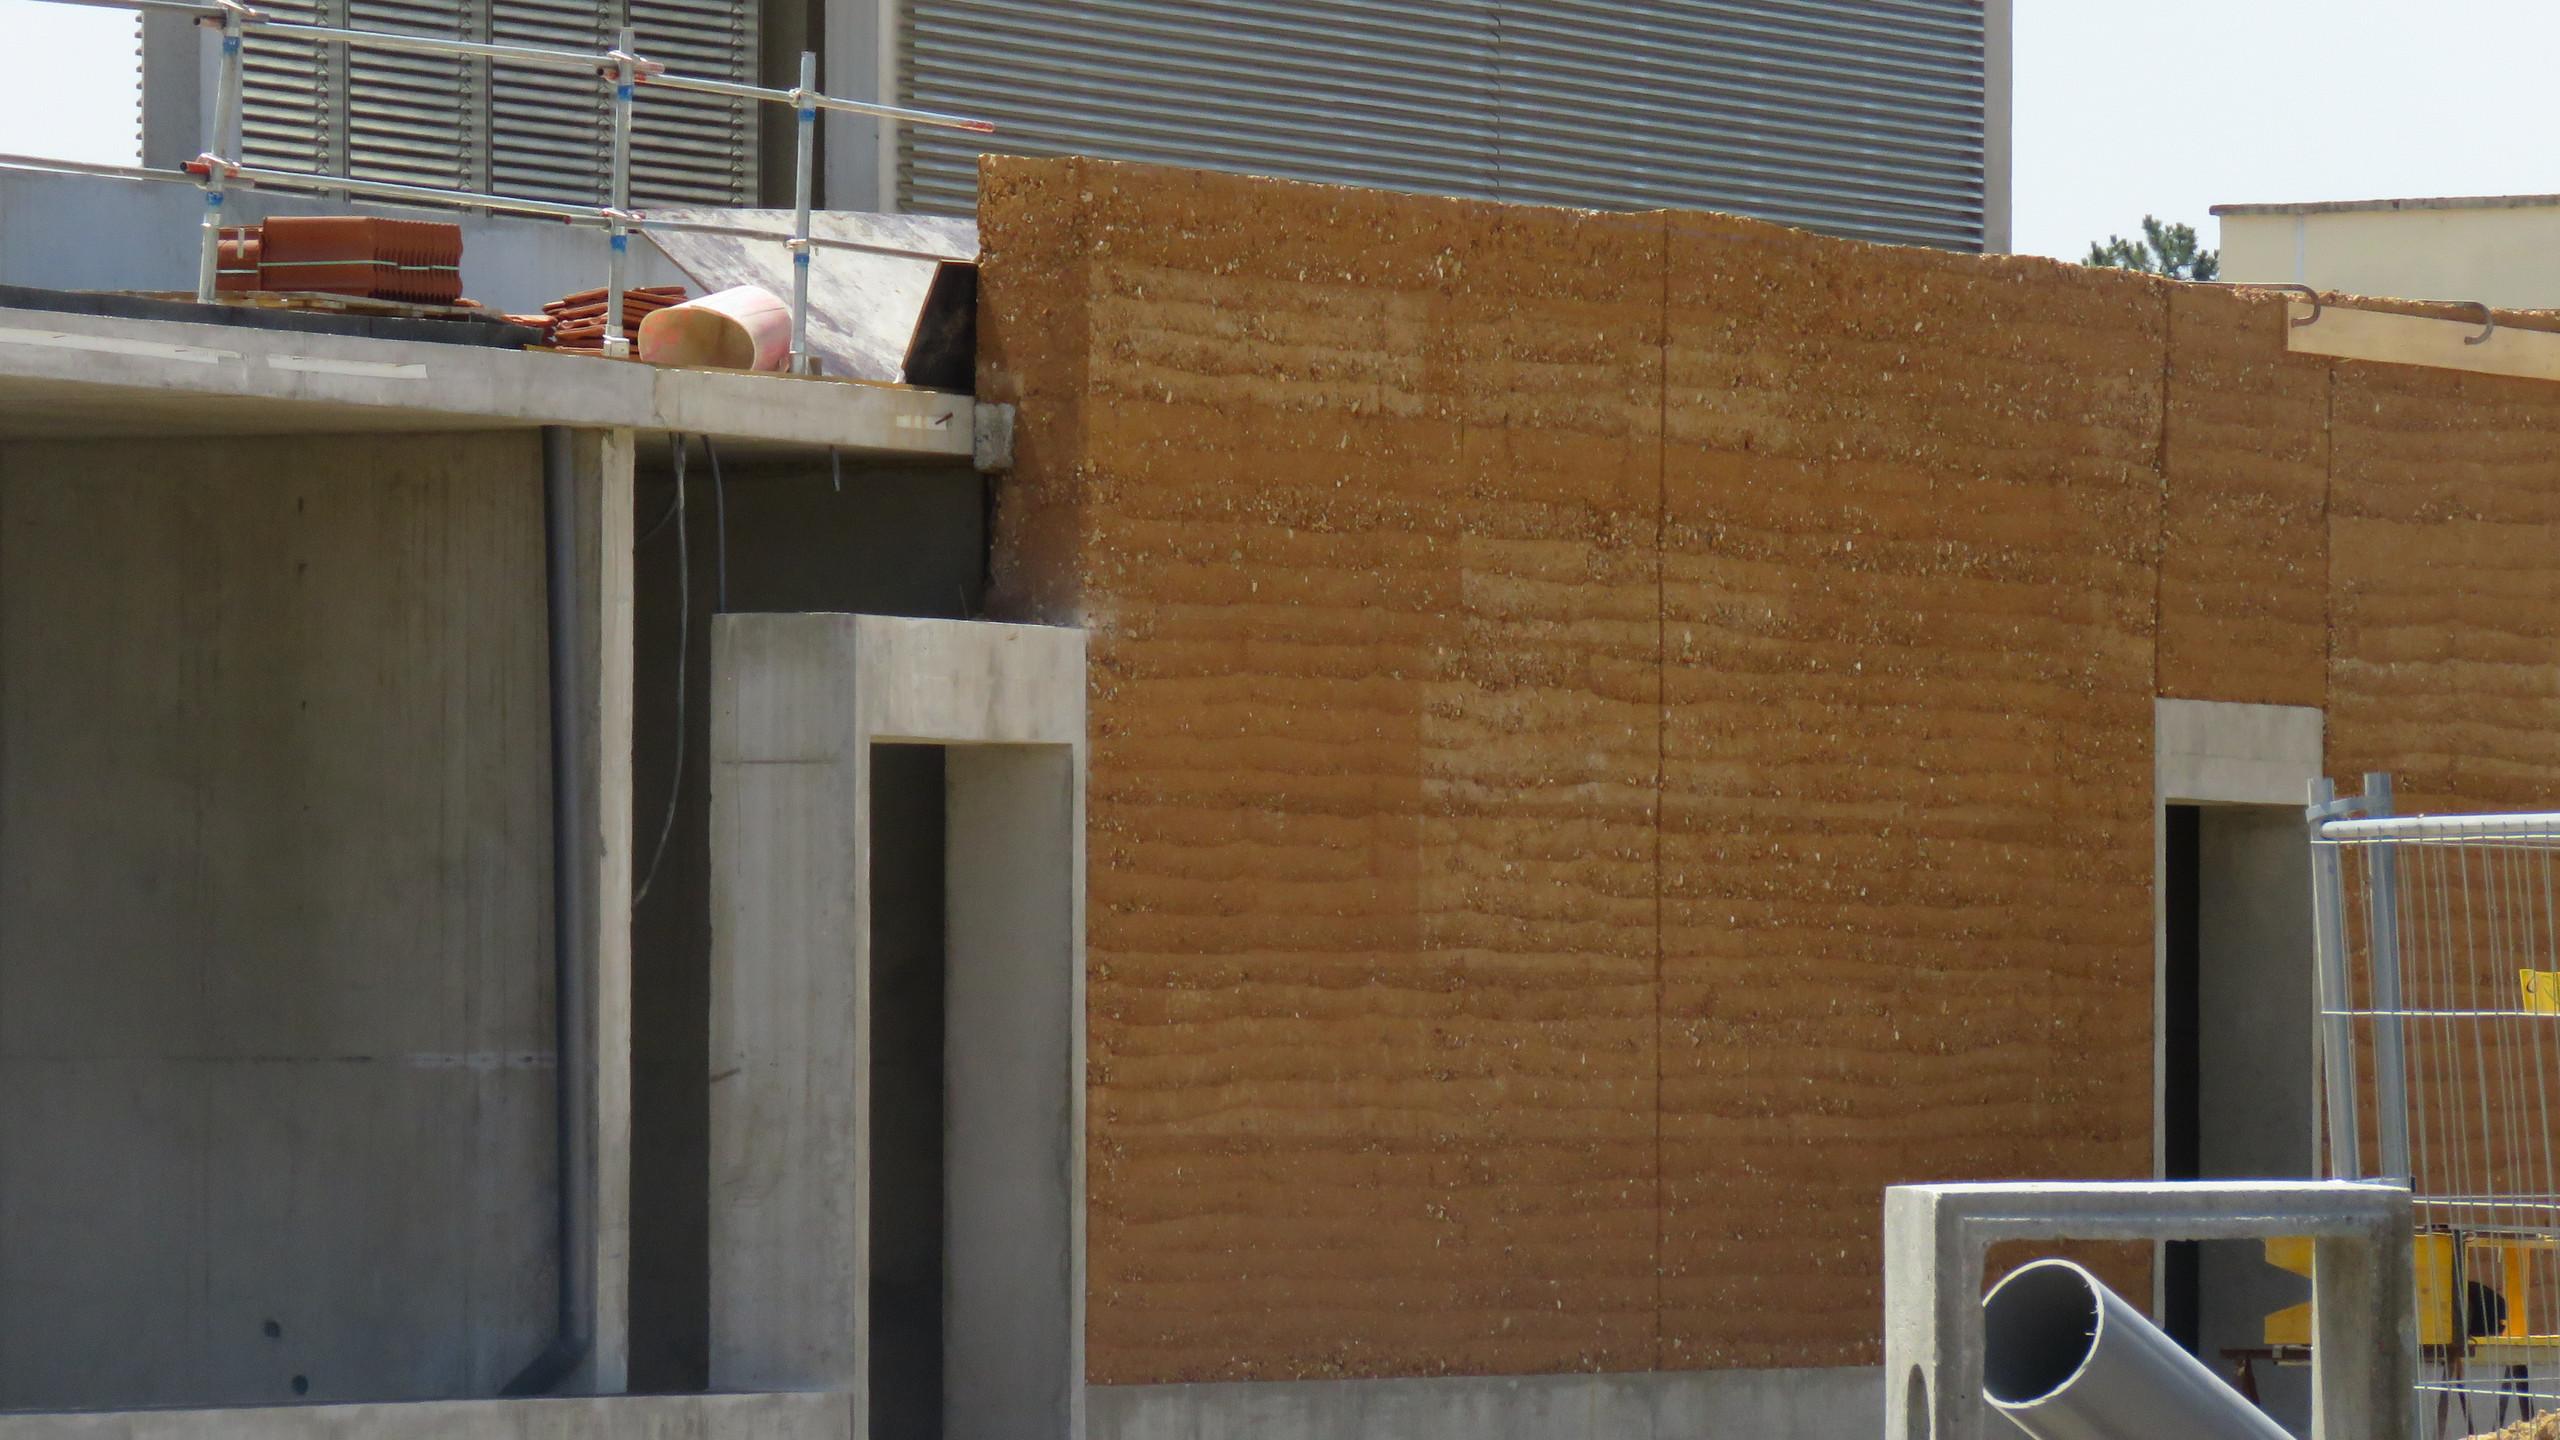 trafóház: betonváz vs. tömörített földfal